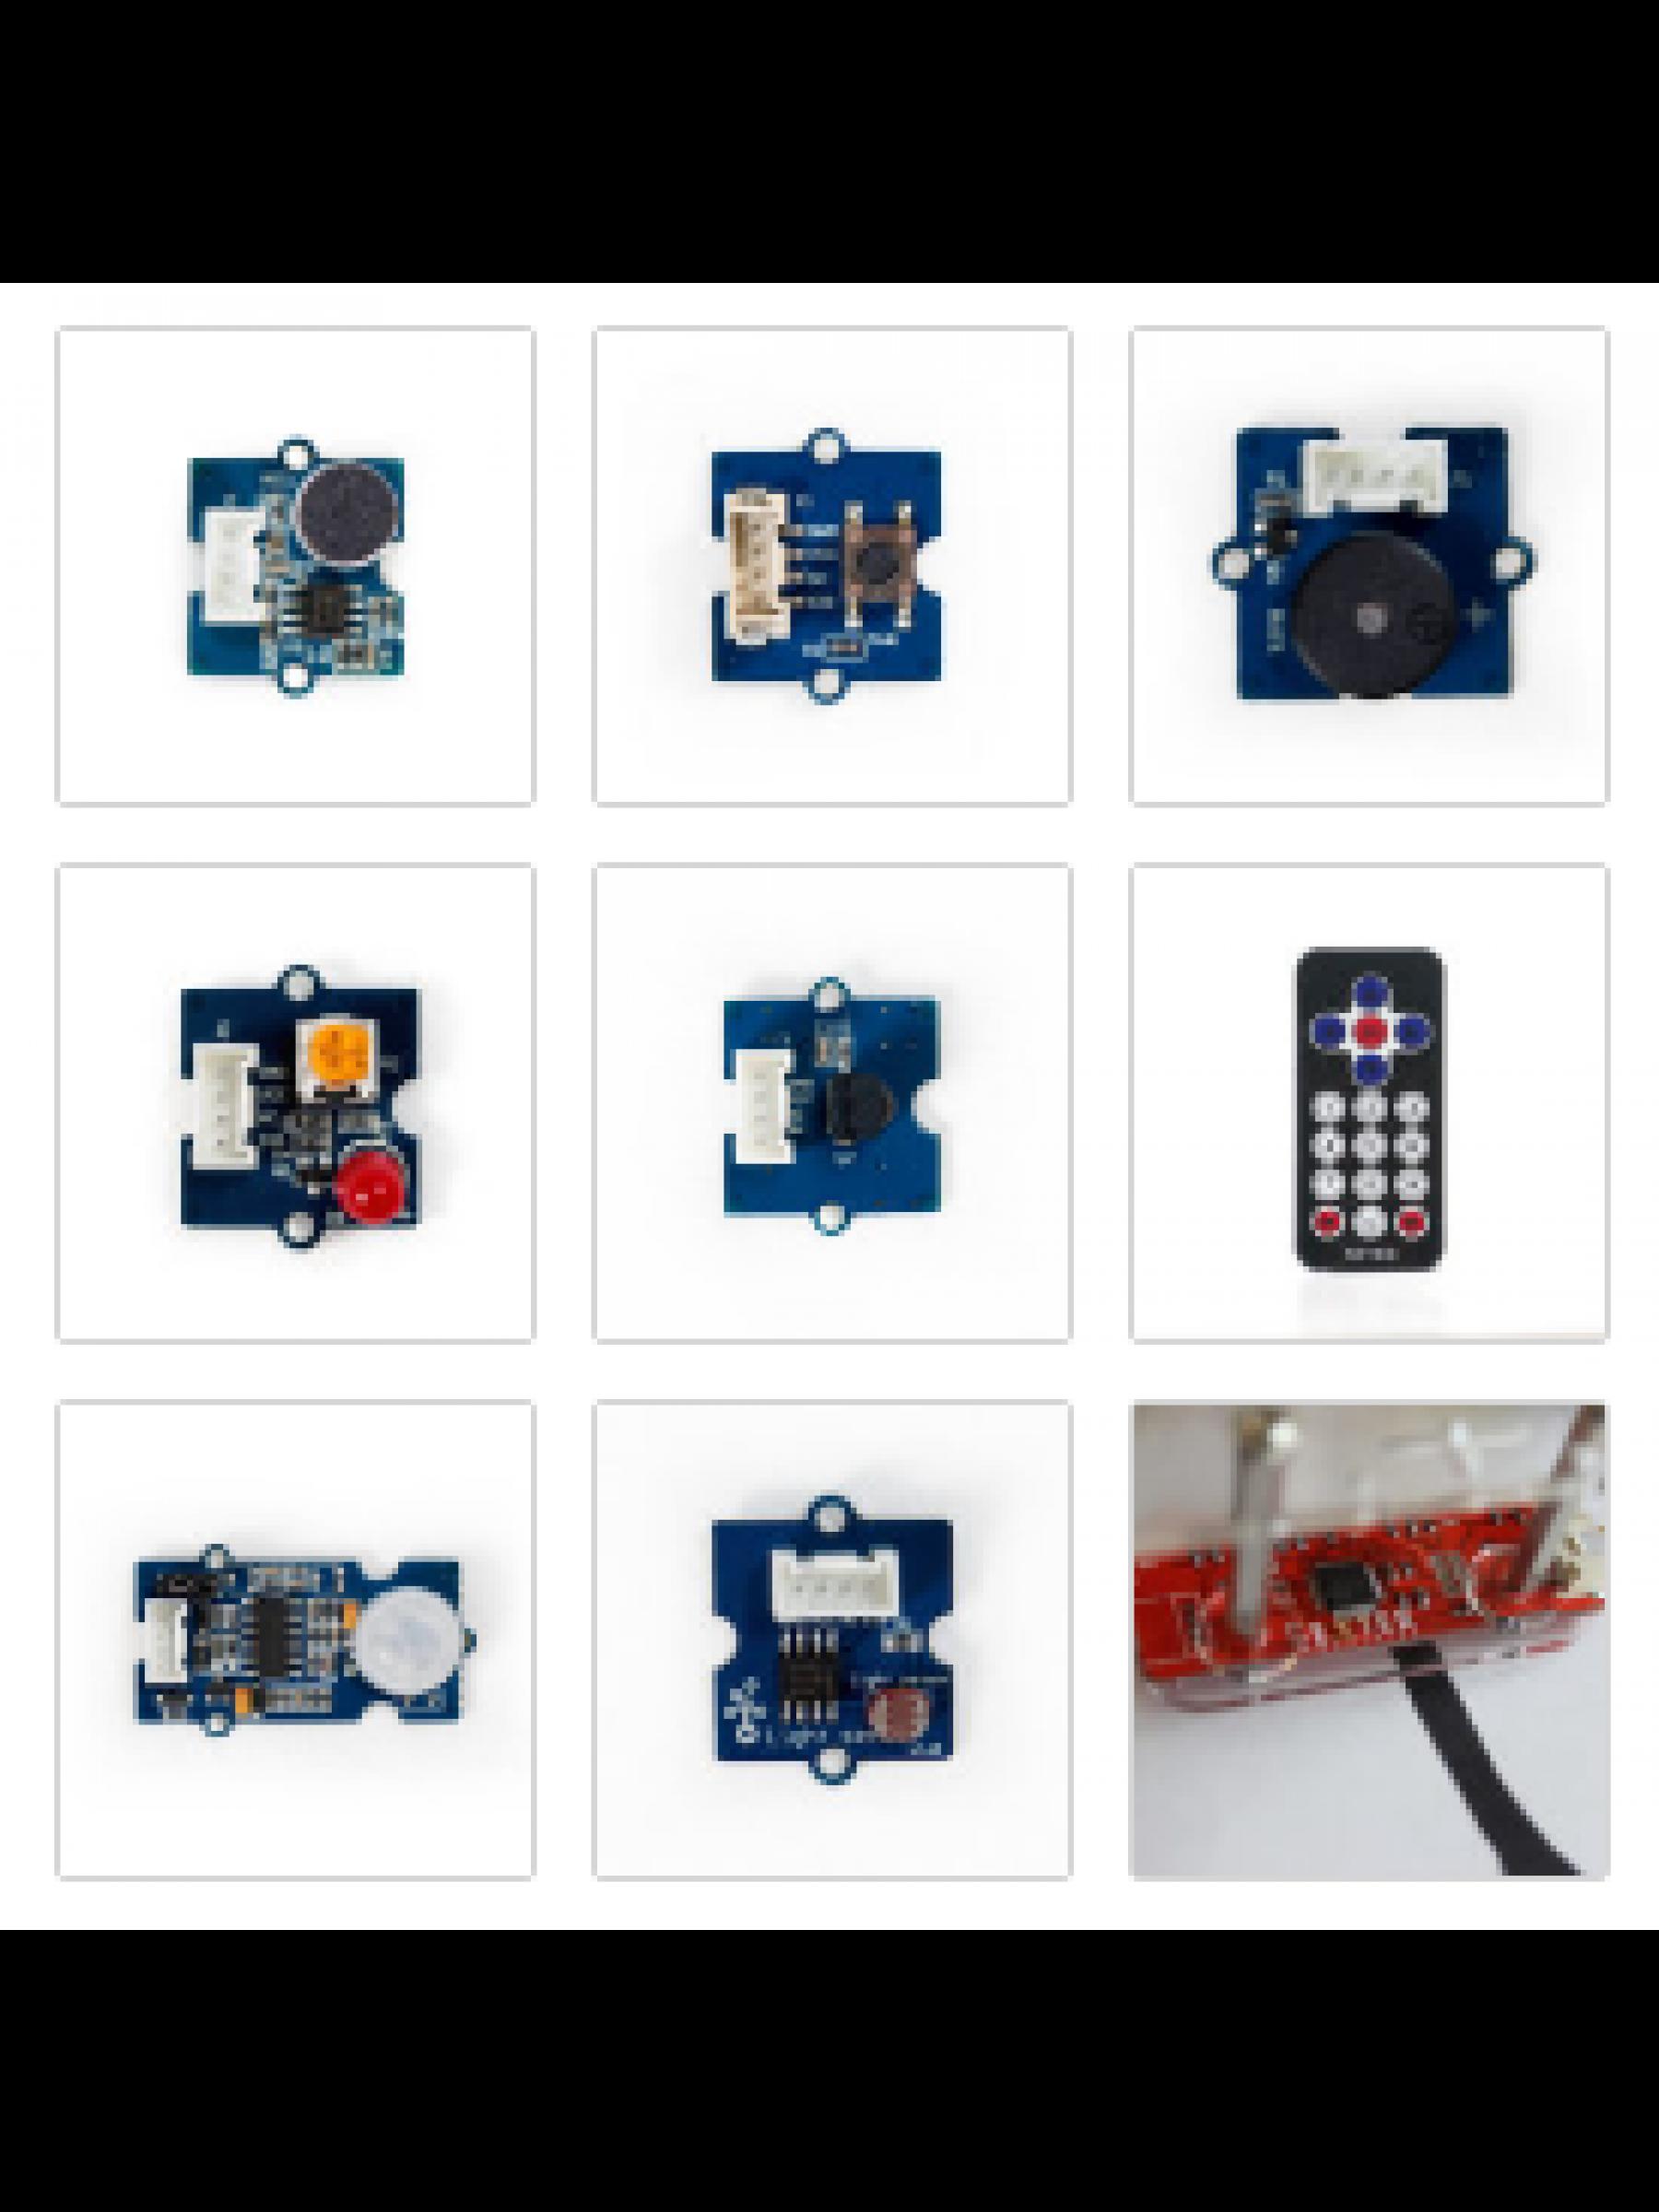 GoBoxEd Sensor Kit